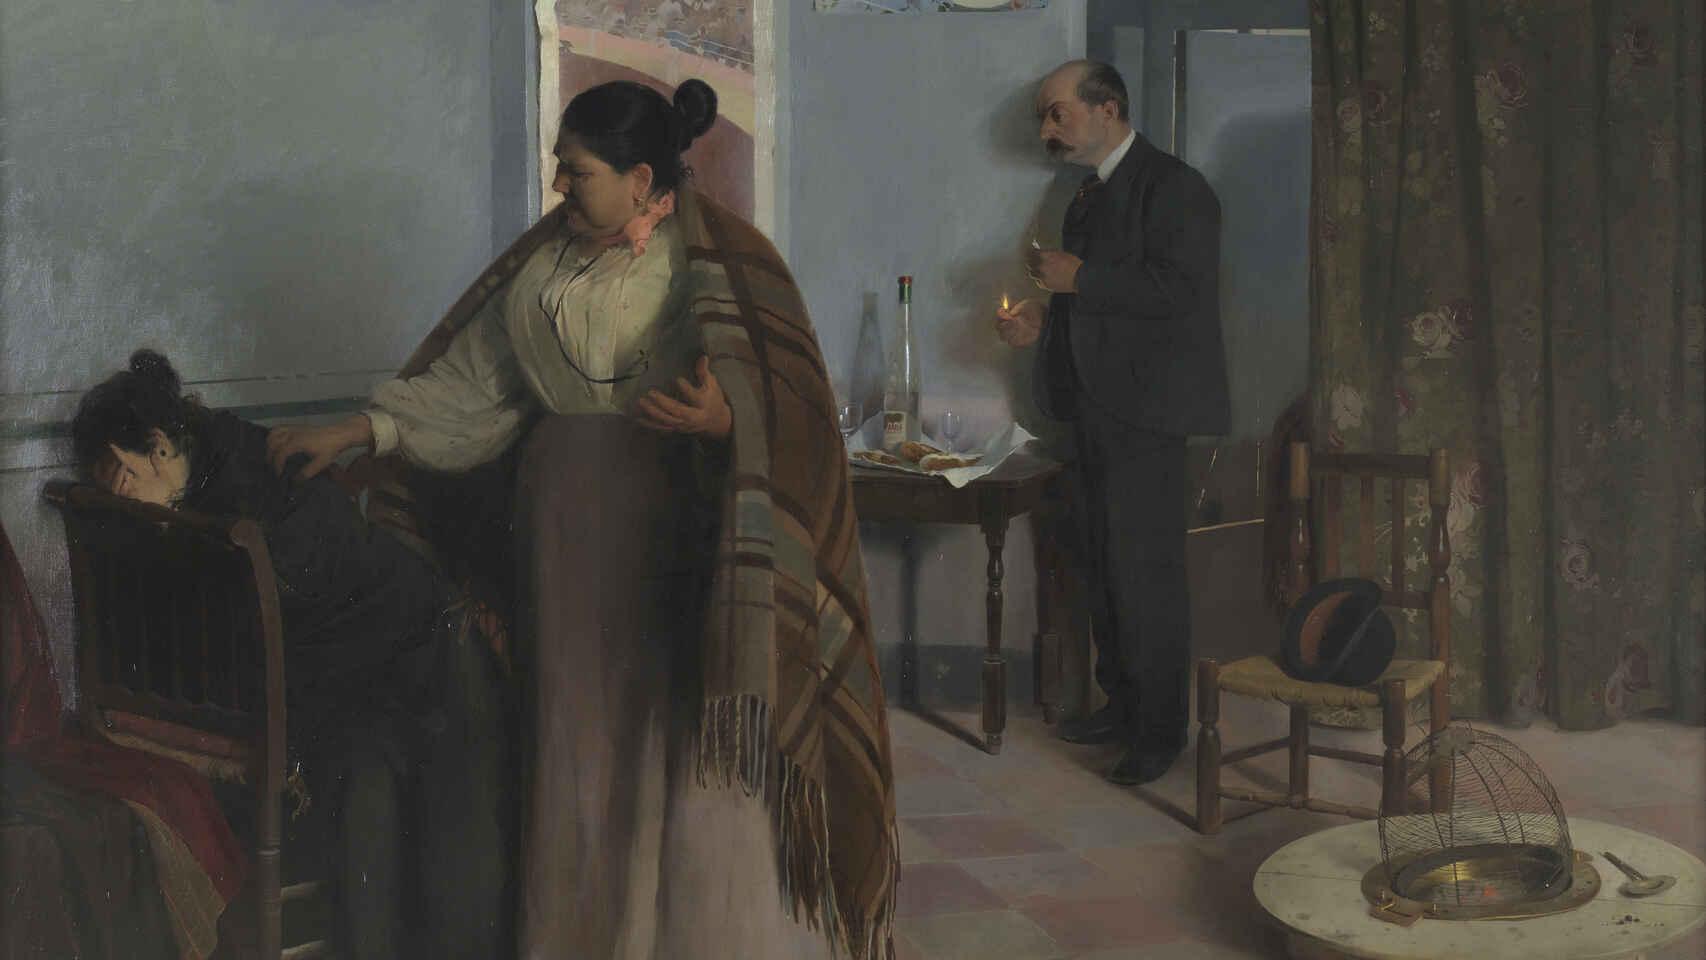 Museo_del_Prado-Pintura-Exposiciones-Misoginia-Actualidad_525959064_161814050_1706x960